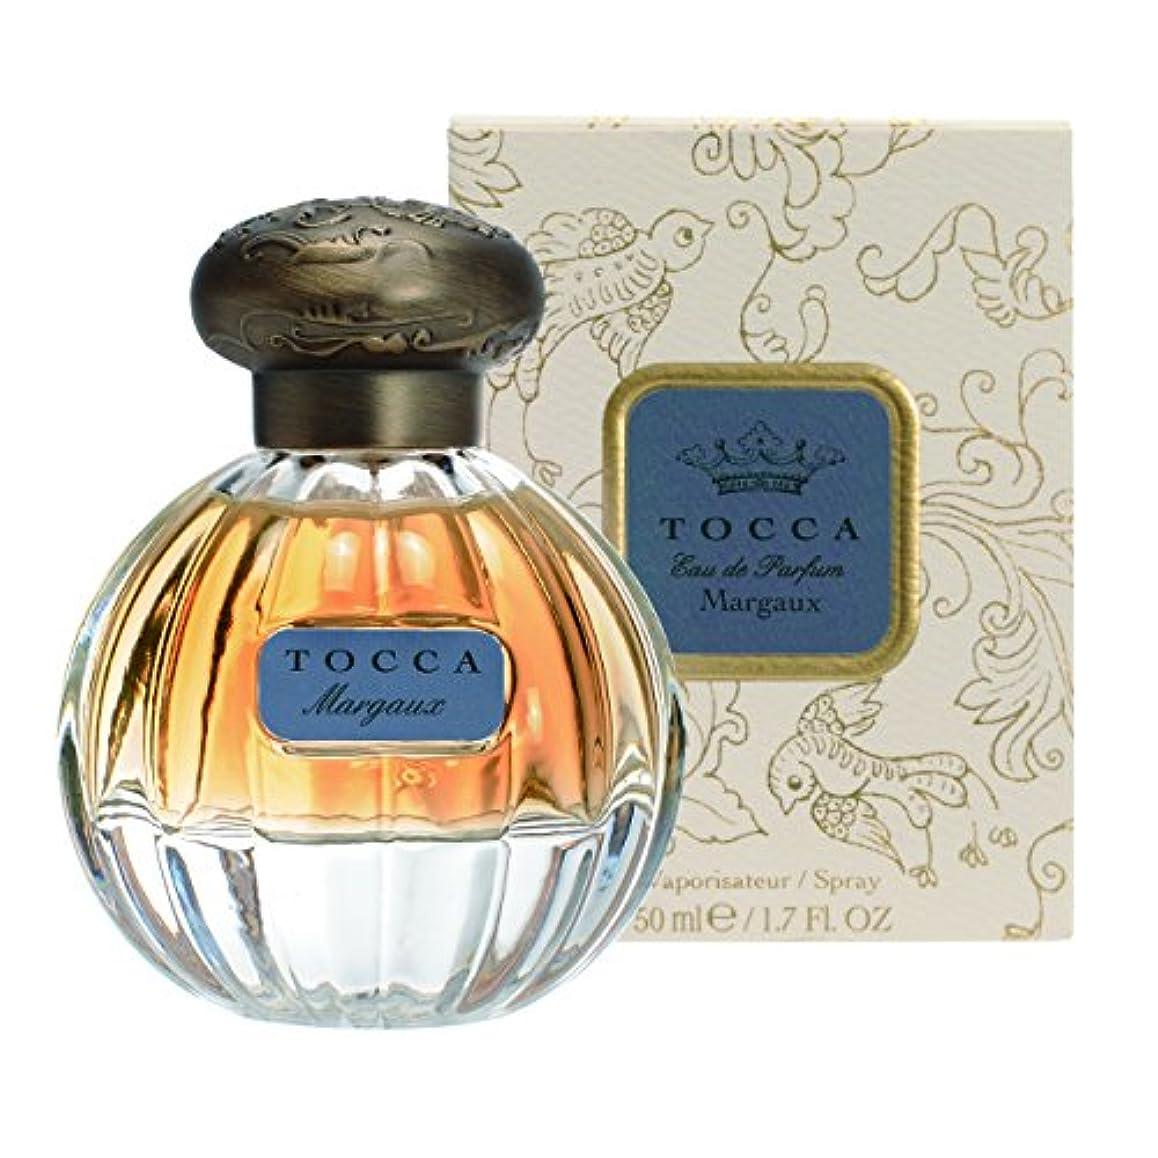 測定衝撃古風なトッカ(TOCCA) オードパルファム マルゴーの香り 50ml(香水 永遠の愛を思わせるフローラルとカシミヤウッド、ムスクの甘い温かみにバニラのアクセントが加わった香り)